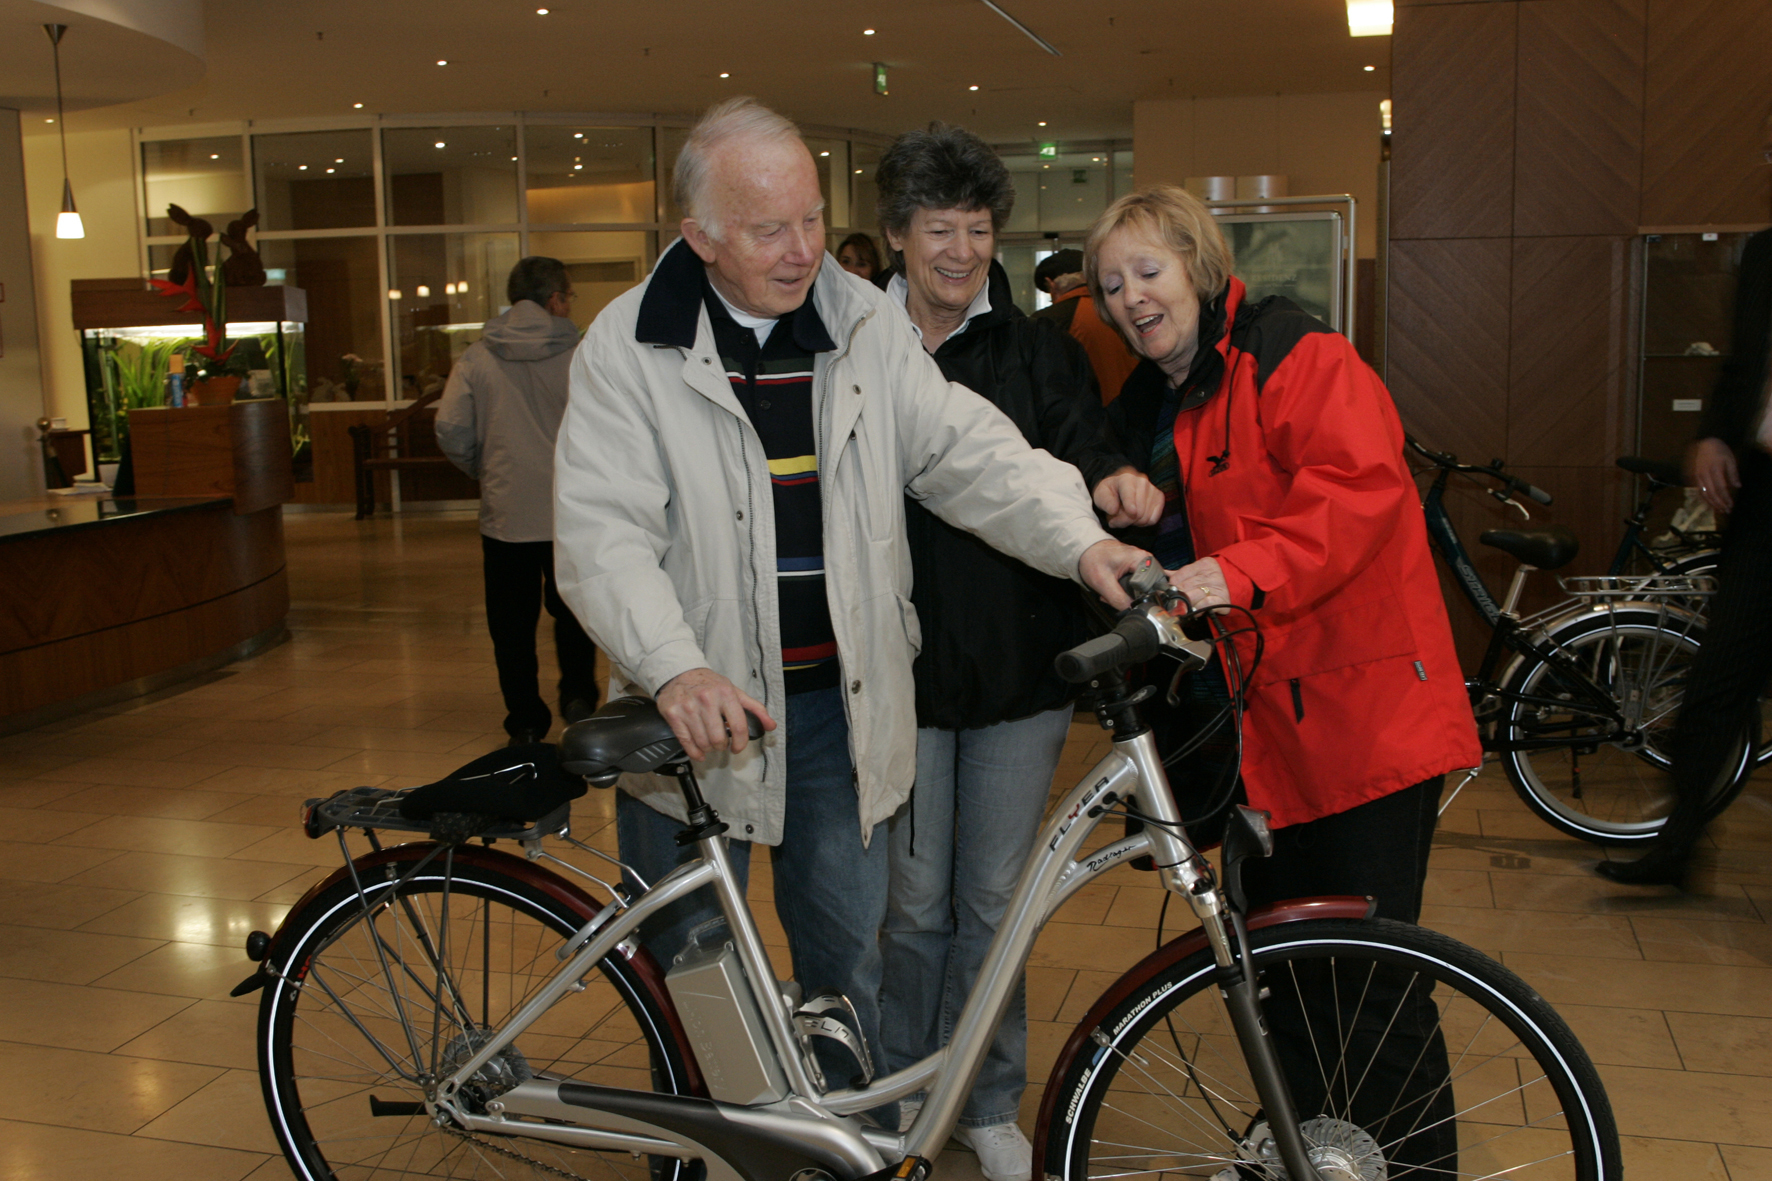 mid Düsseldorf - Damit ältere Radfahrer mit E-Bikes zurecht kommen, empfehlen Verkehrsexperten eine intensive Beratung durch den Händler und einen Trainingskurs.